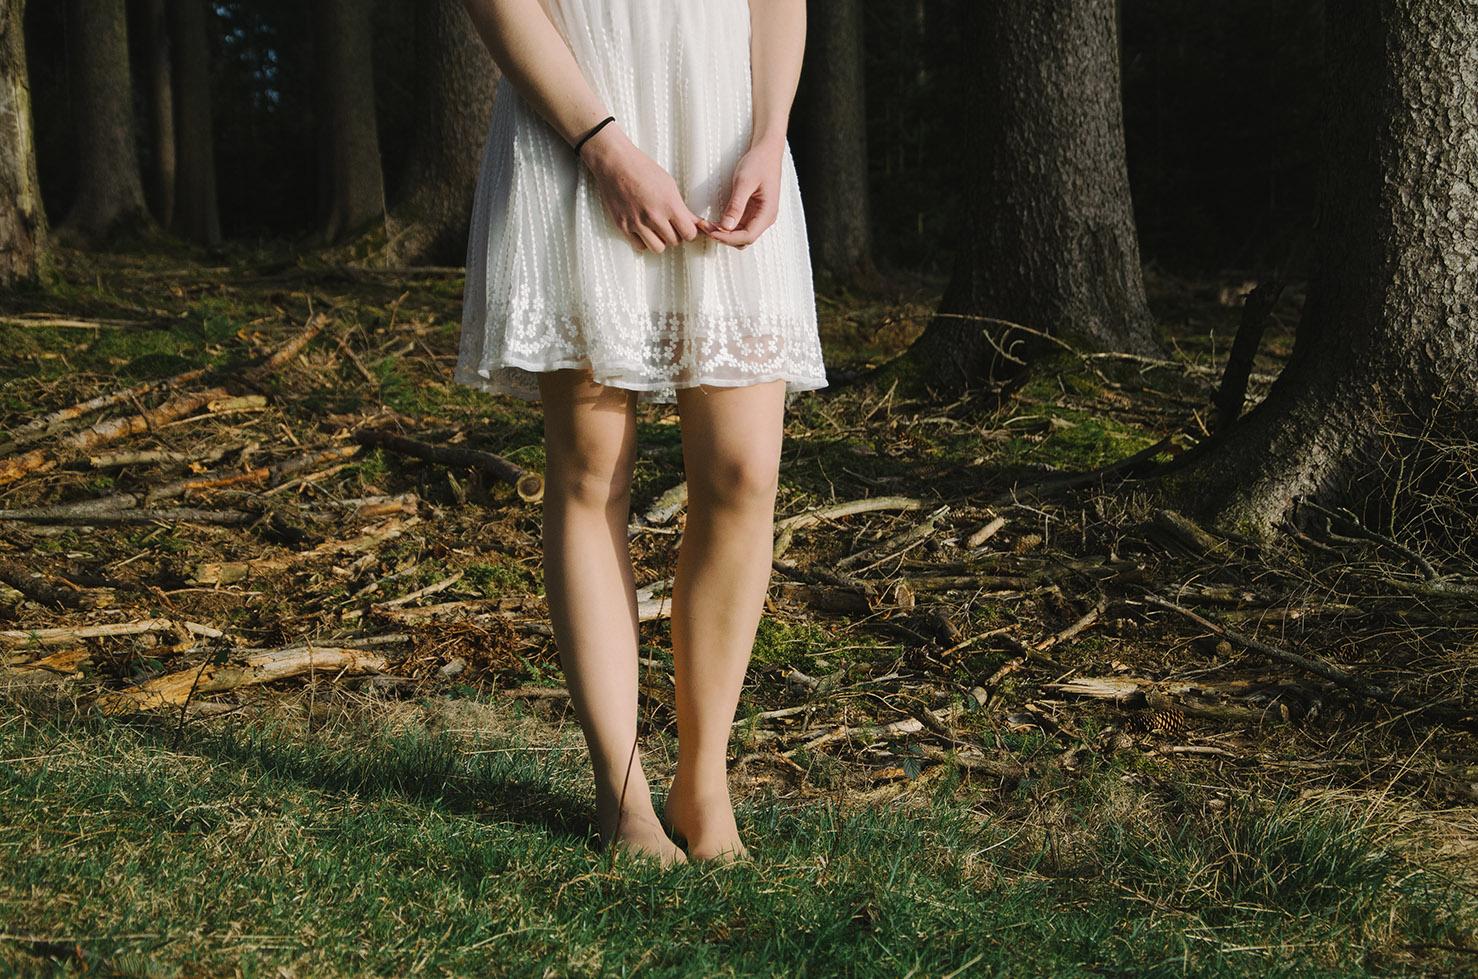 girl in forest 2.jpg